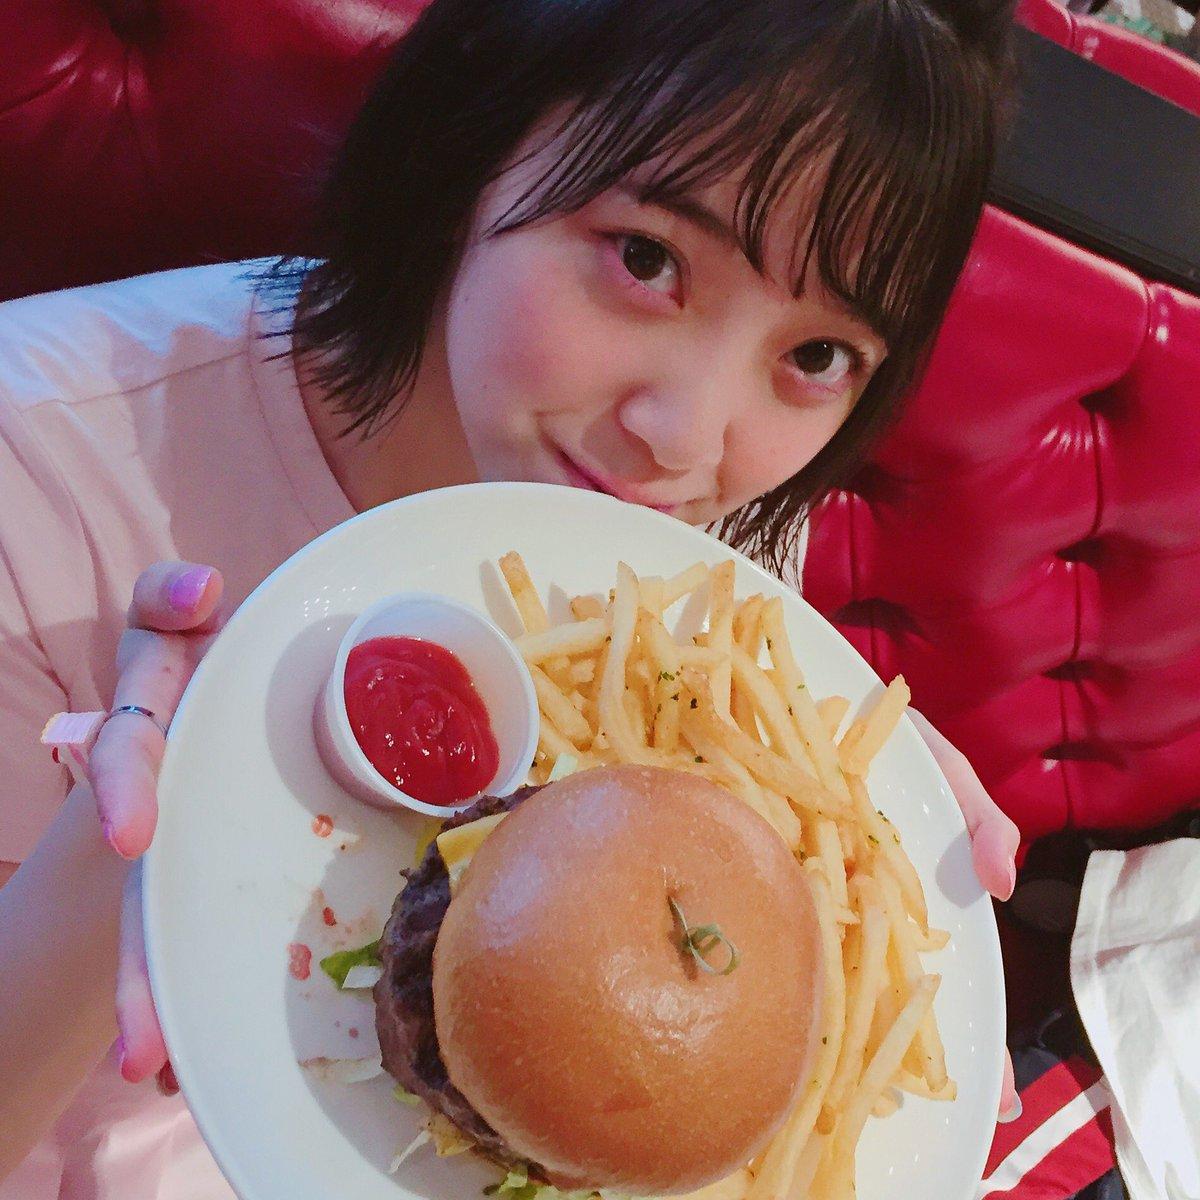 ハンバーガーを食べる堀未央奈